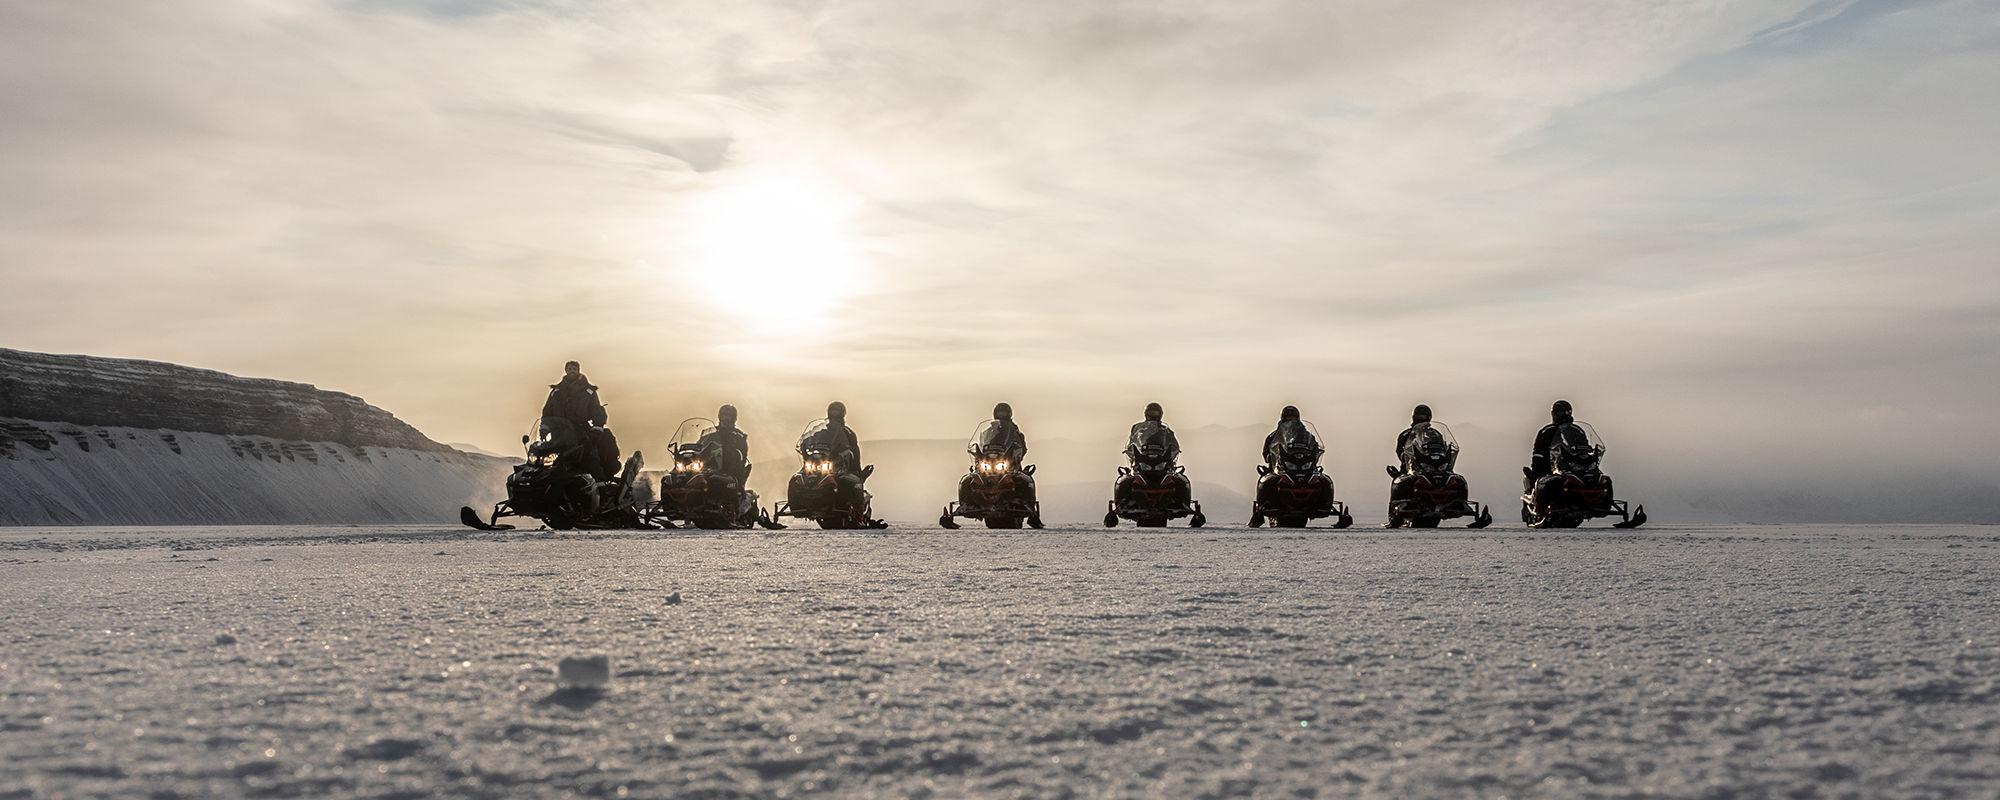 Schneescooter Safari auf Spitzbergen